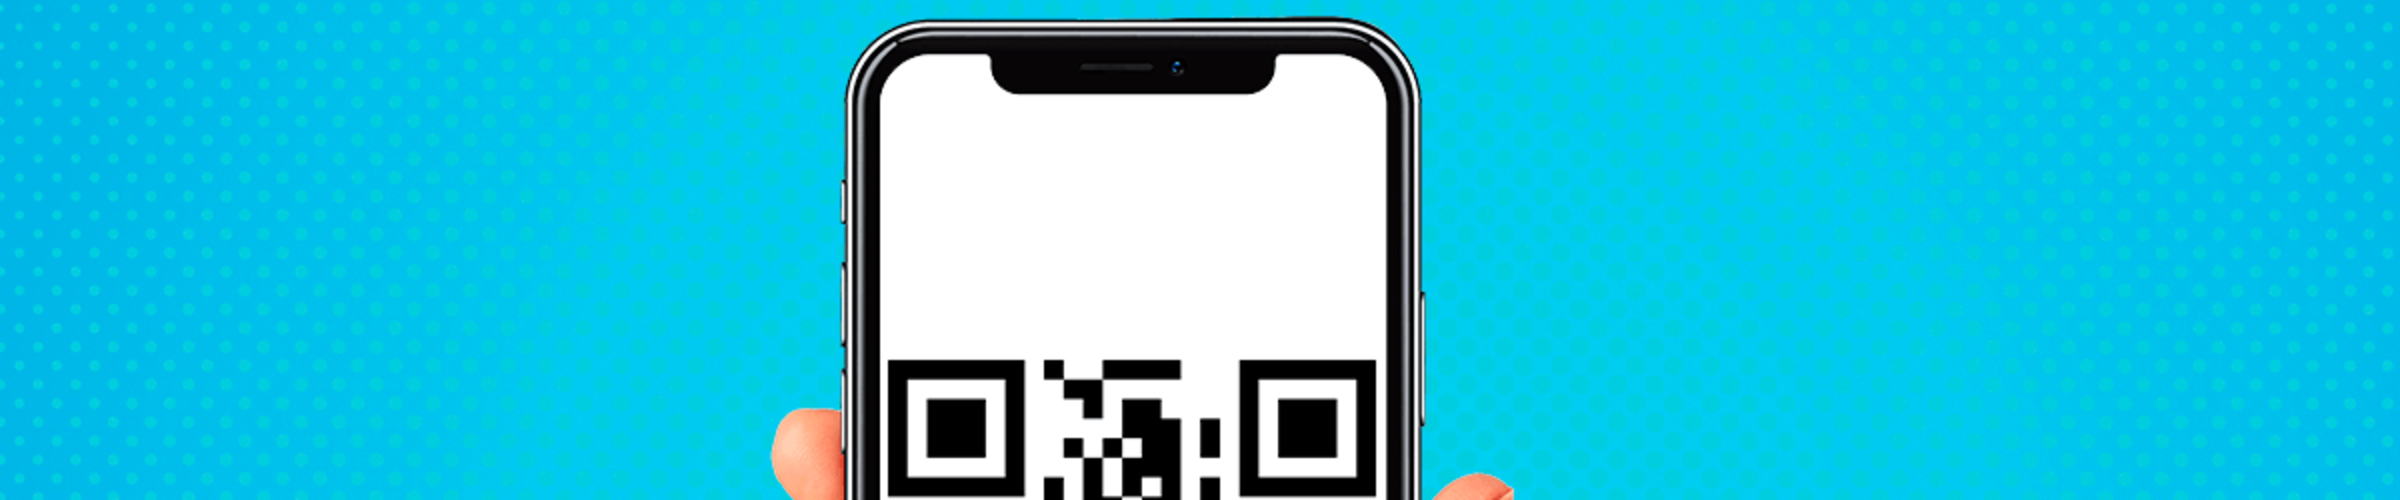 Как отсканировать QR код на iPhone или прочитать?